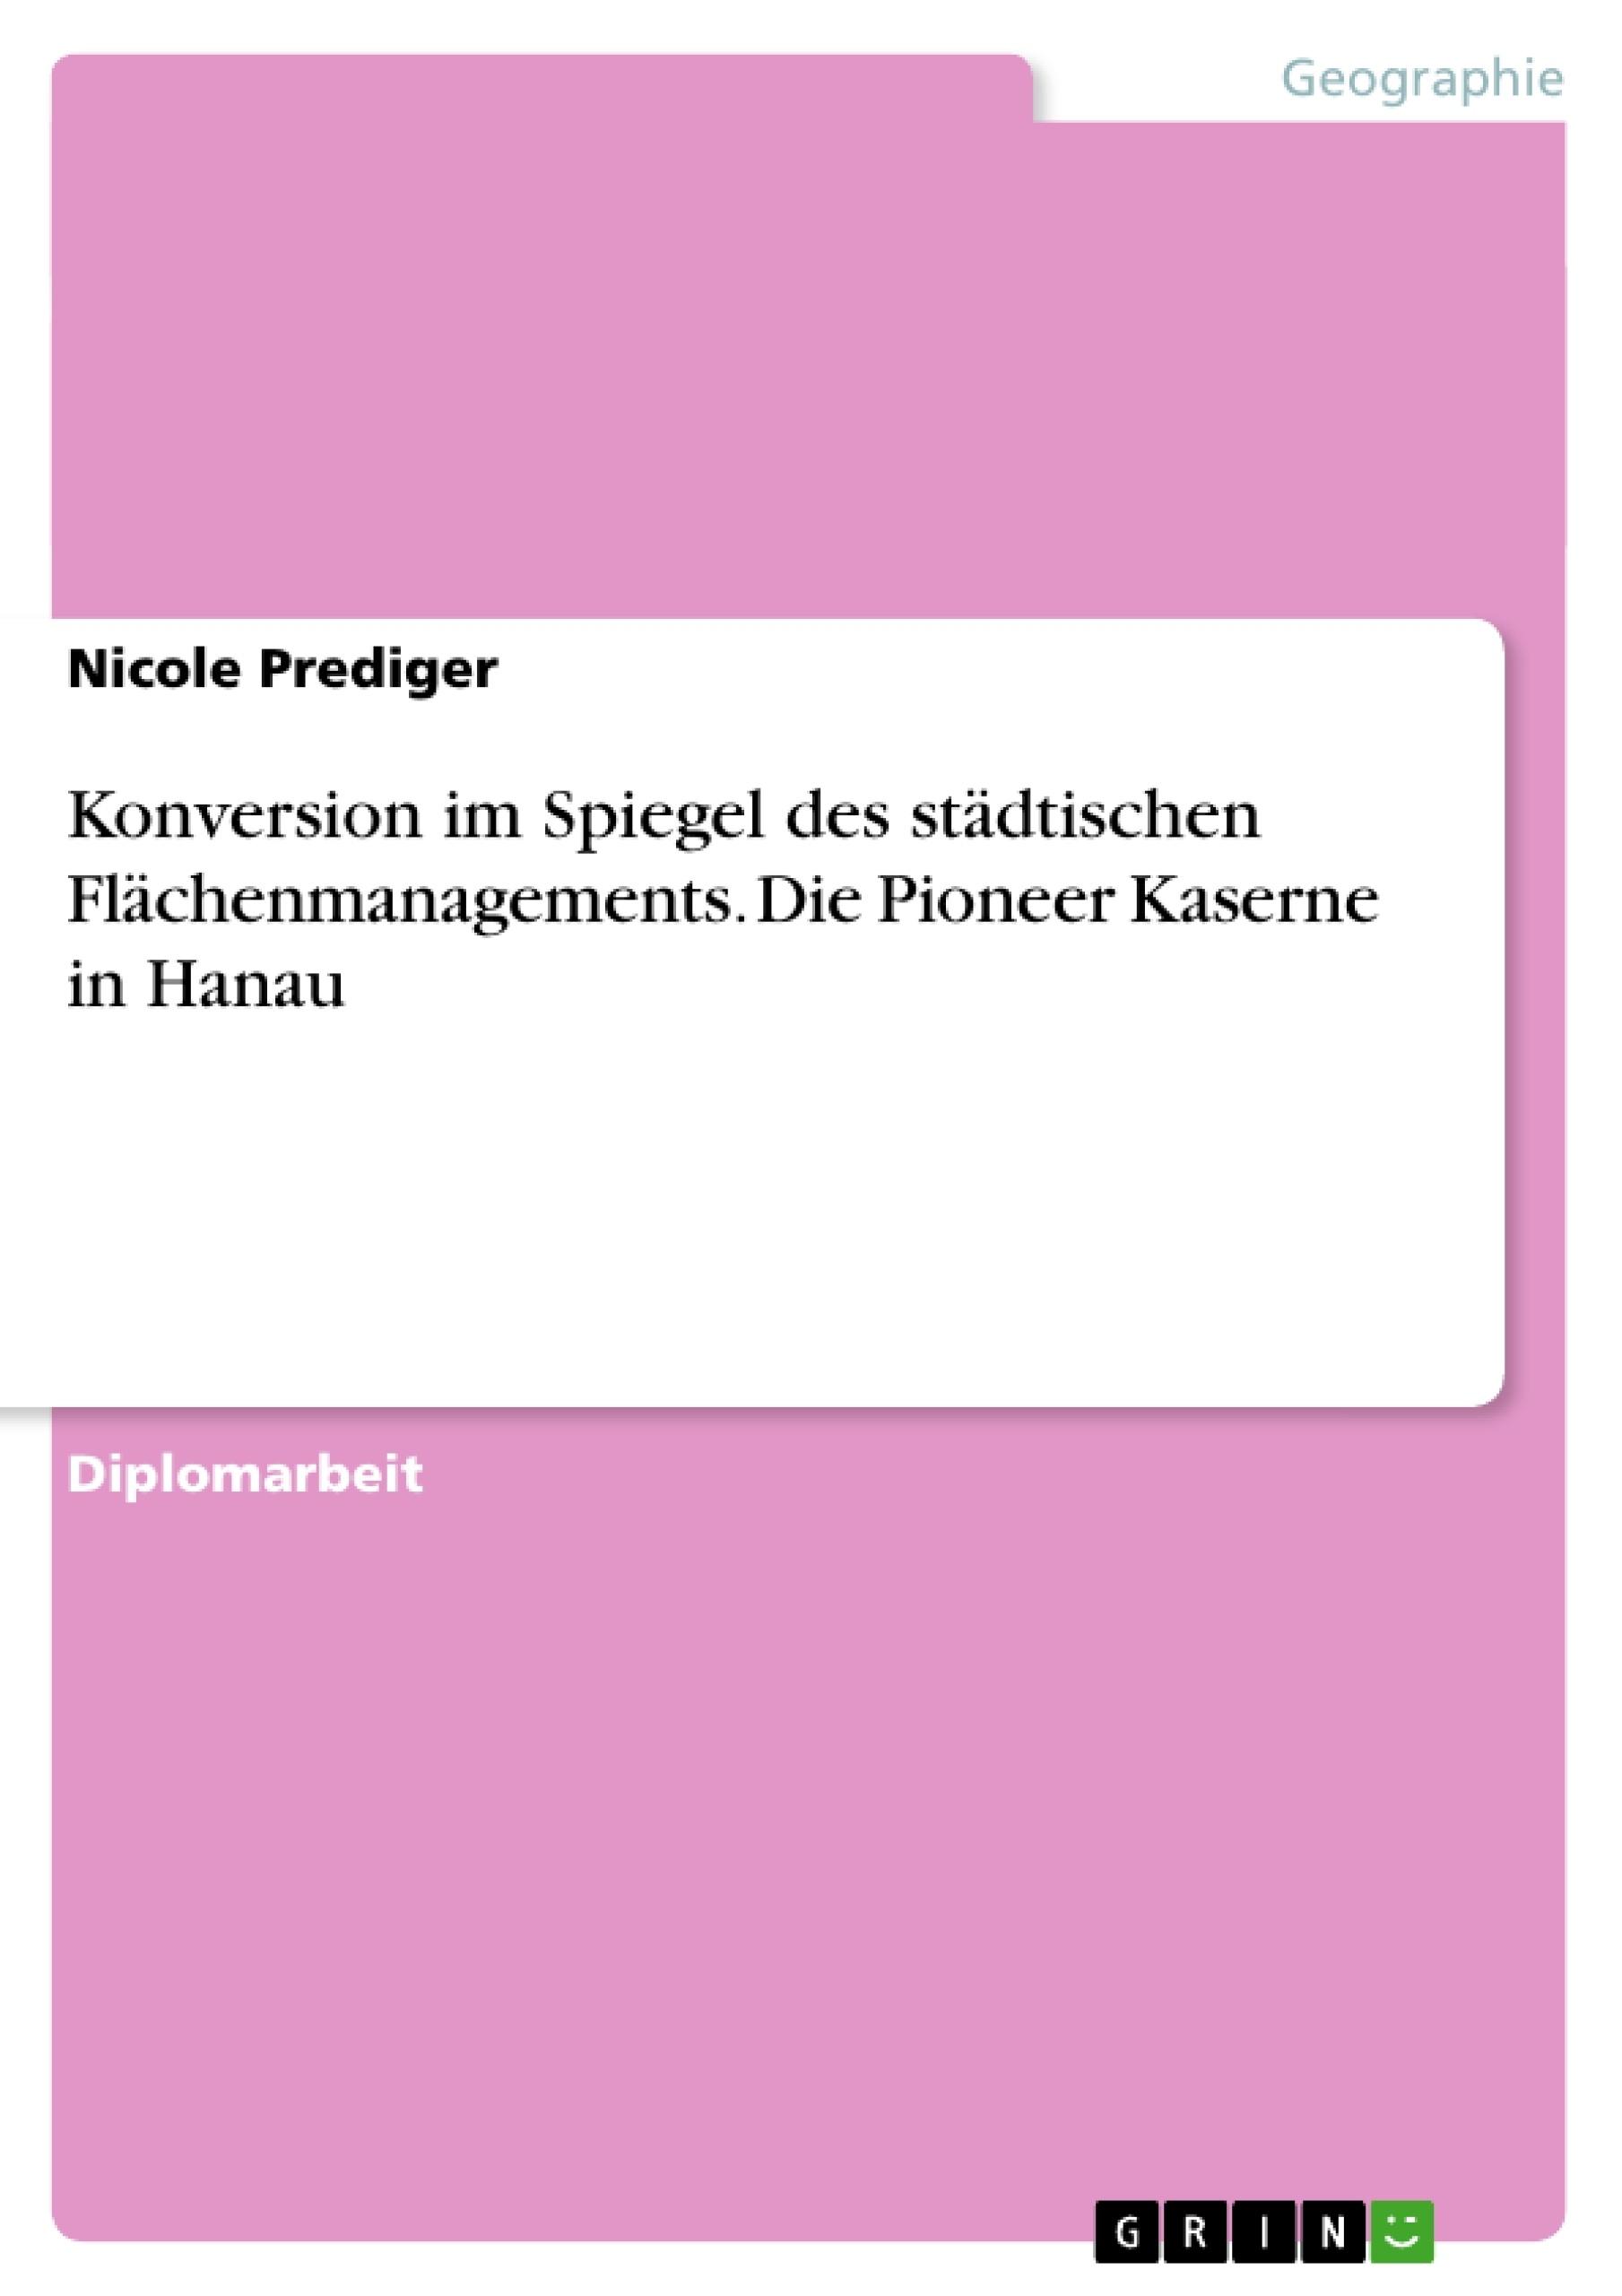 Titel: Konversion im Spiegel des städtischen Flächenmanagements. Die Pioneer Kaserne in Hanau